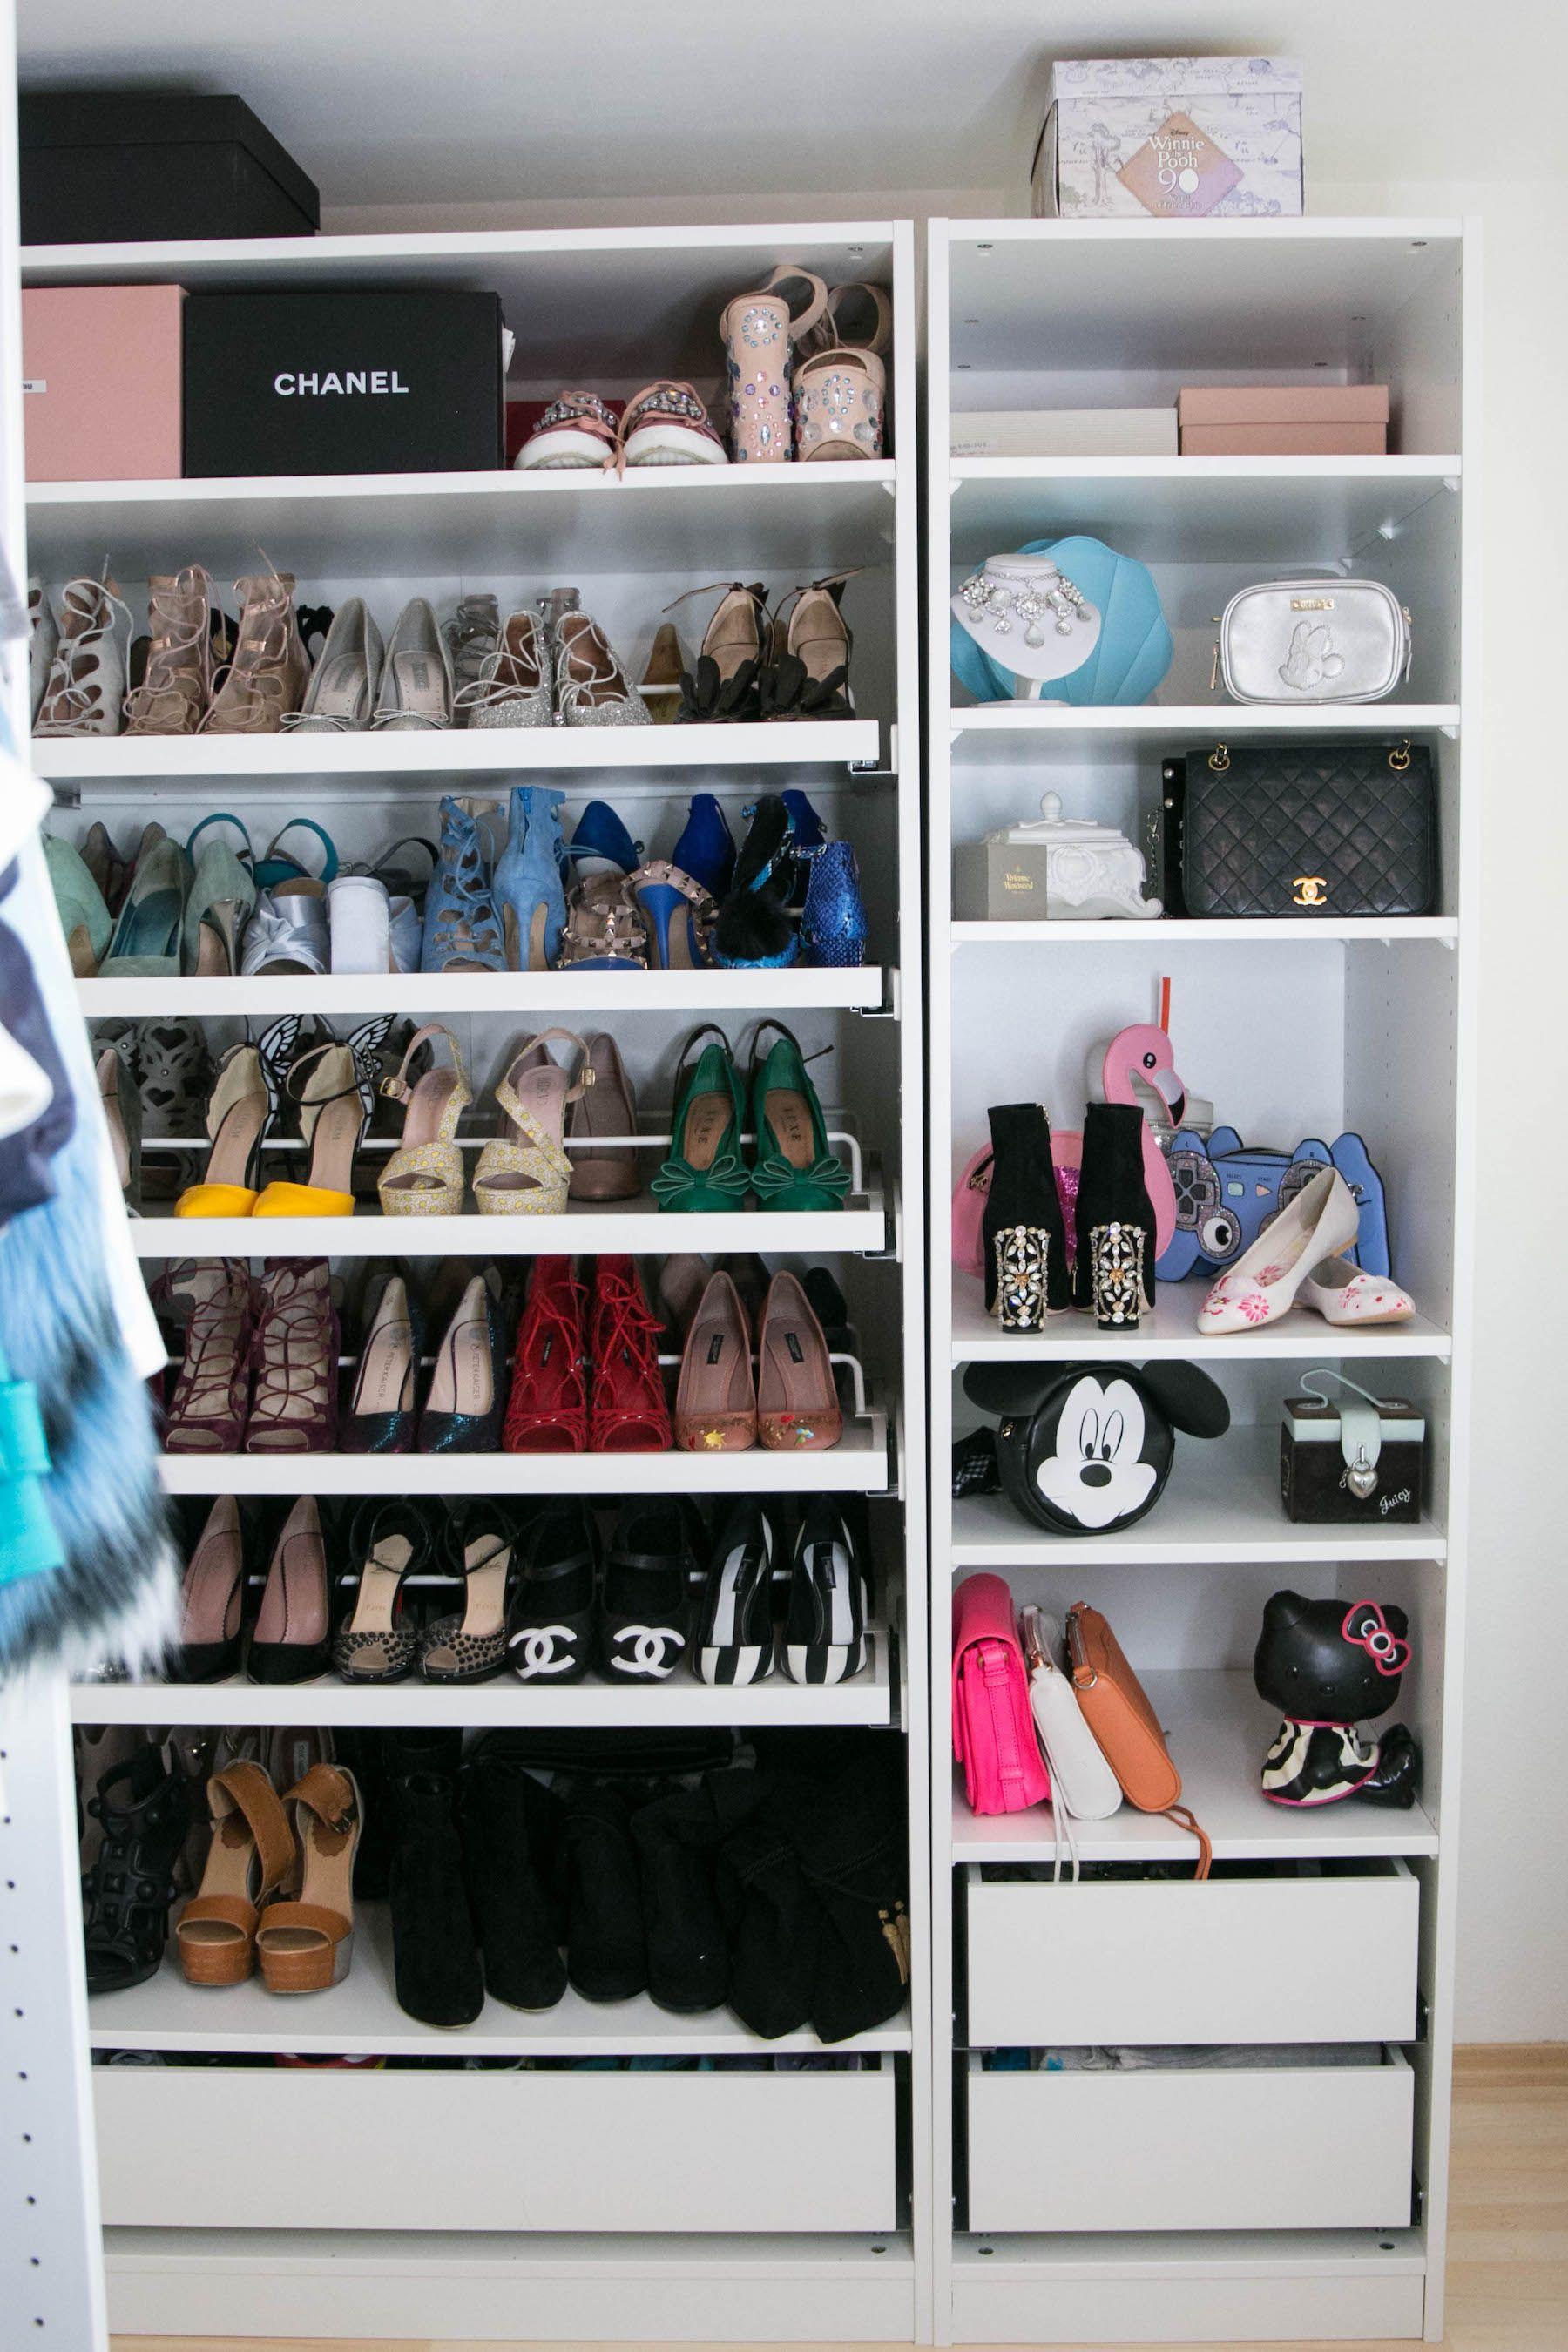 Mein Ankleidezimmer Mit Ikea Pax Gewinnspiel Sara Bow Ankleidezimmer Ankleide Zimmer Ankleide